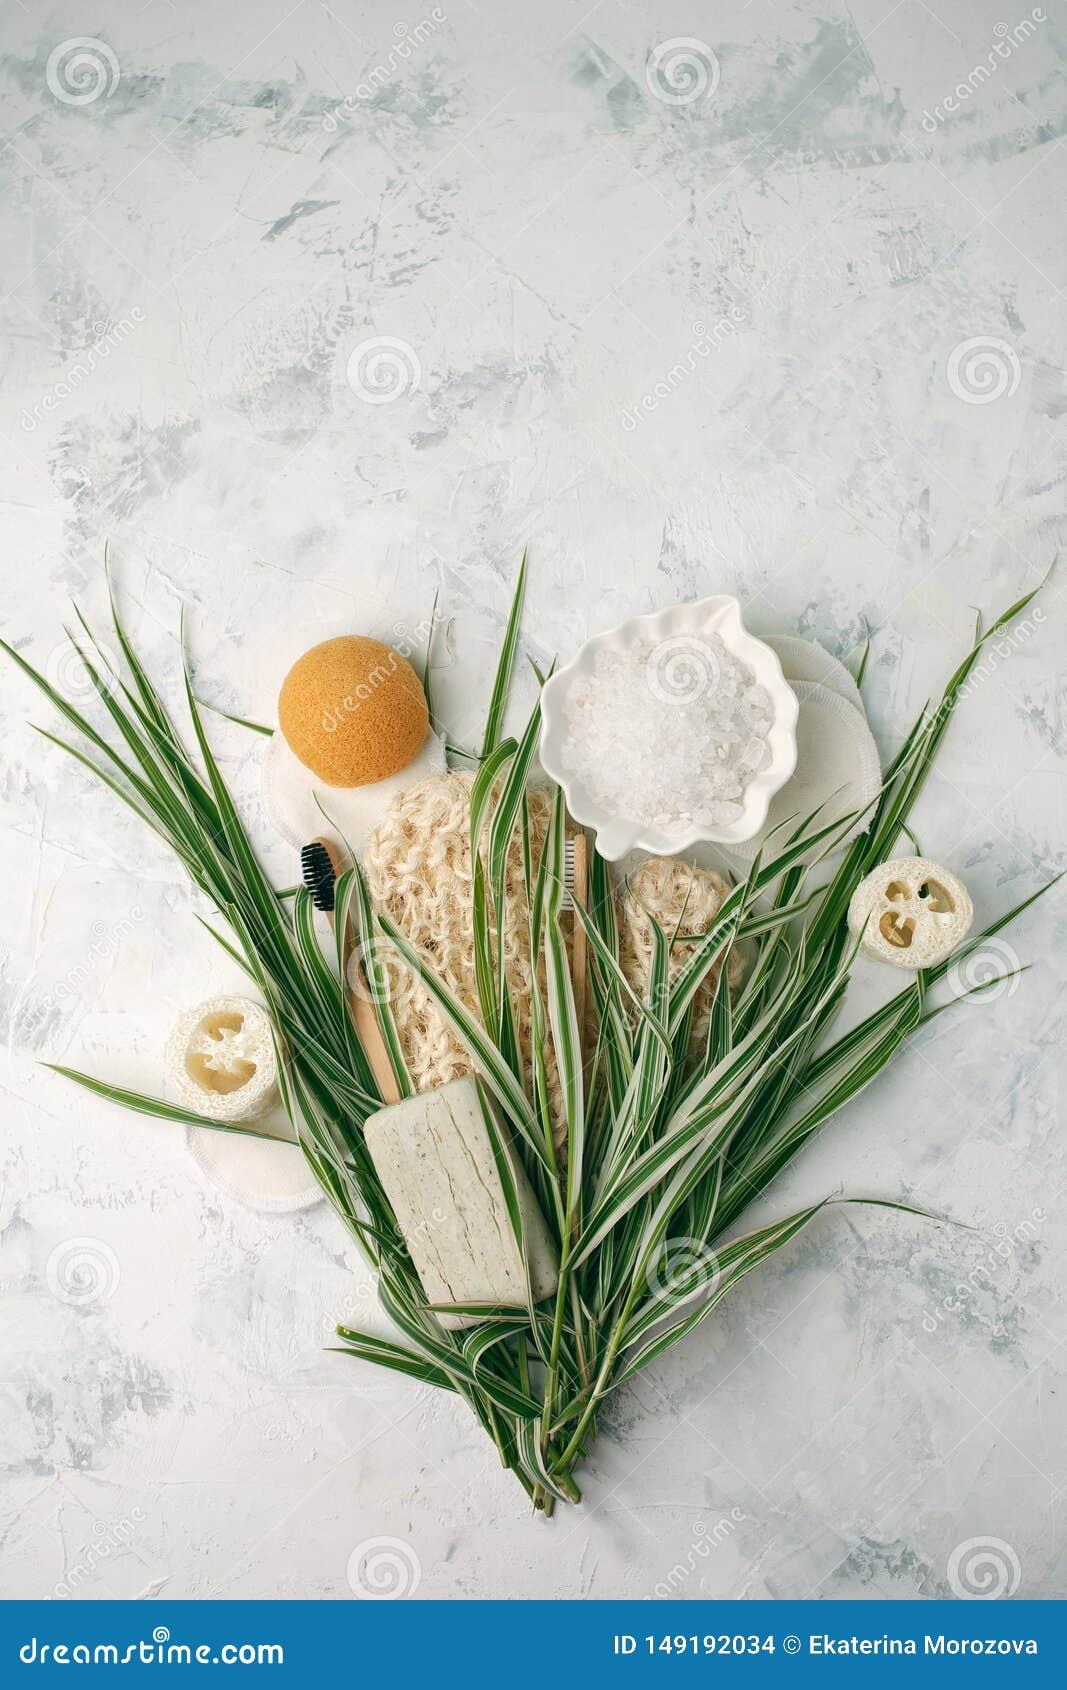 Bagno residuo zero e pulizia Insieme ecologico del bagno Spazzole, spazzolino da denti, sapone, sale marino e foglie verdi